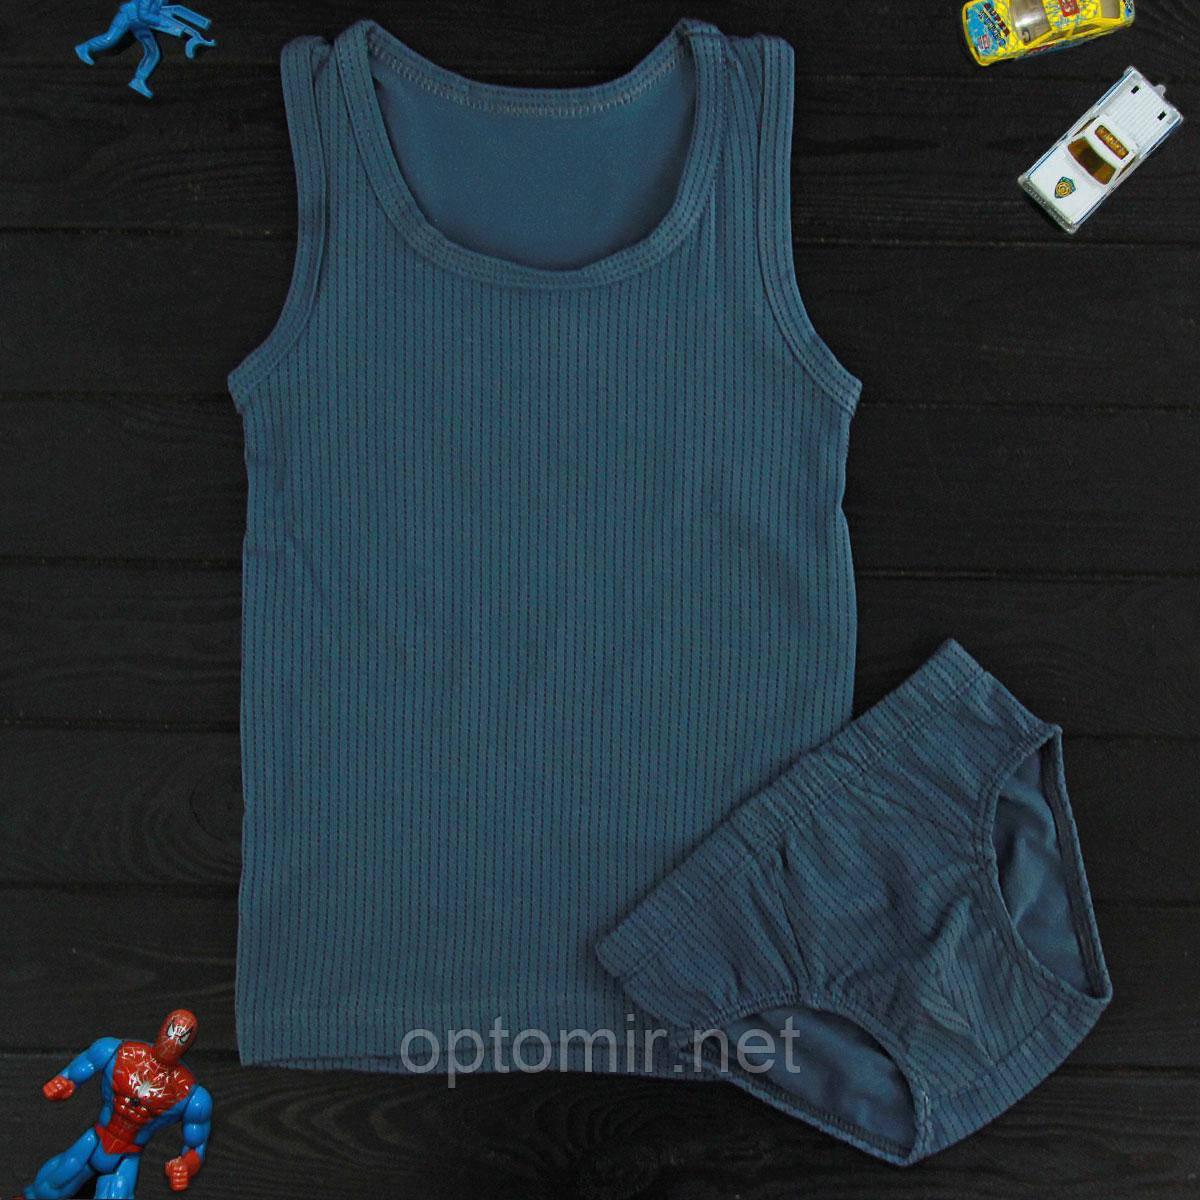 Комплект детский Donella темно-бирюзовый для мальчика на 8/9 лет | 1шт.